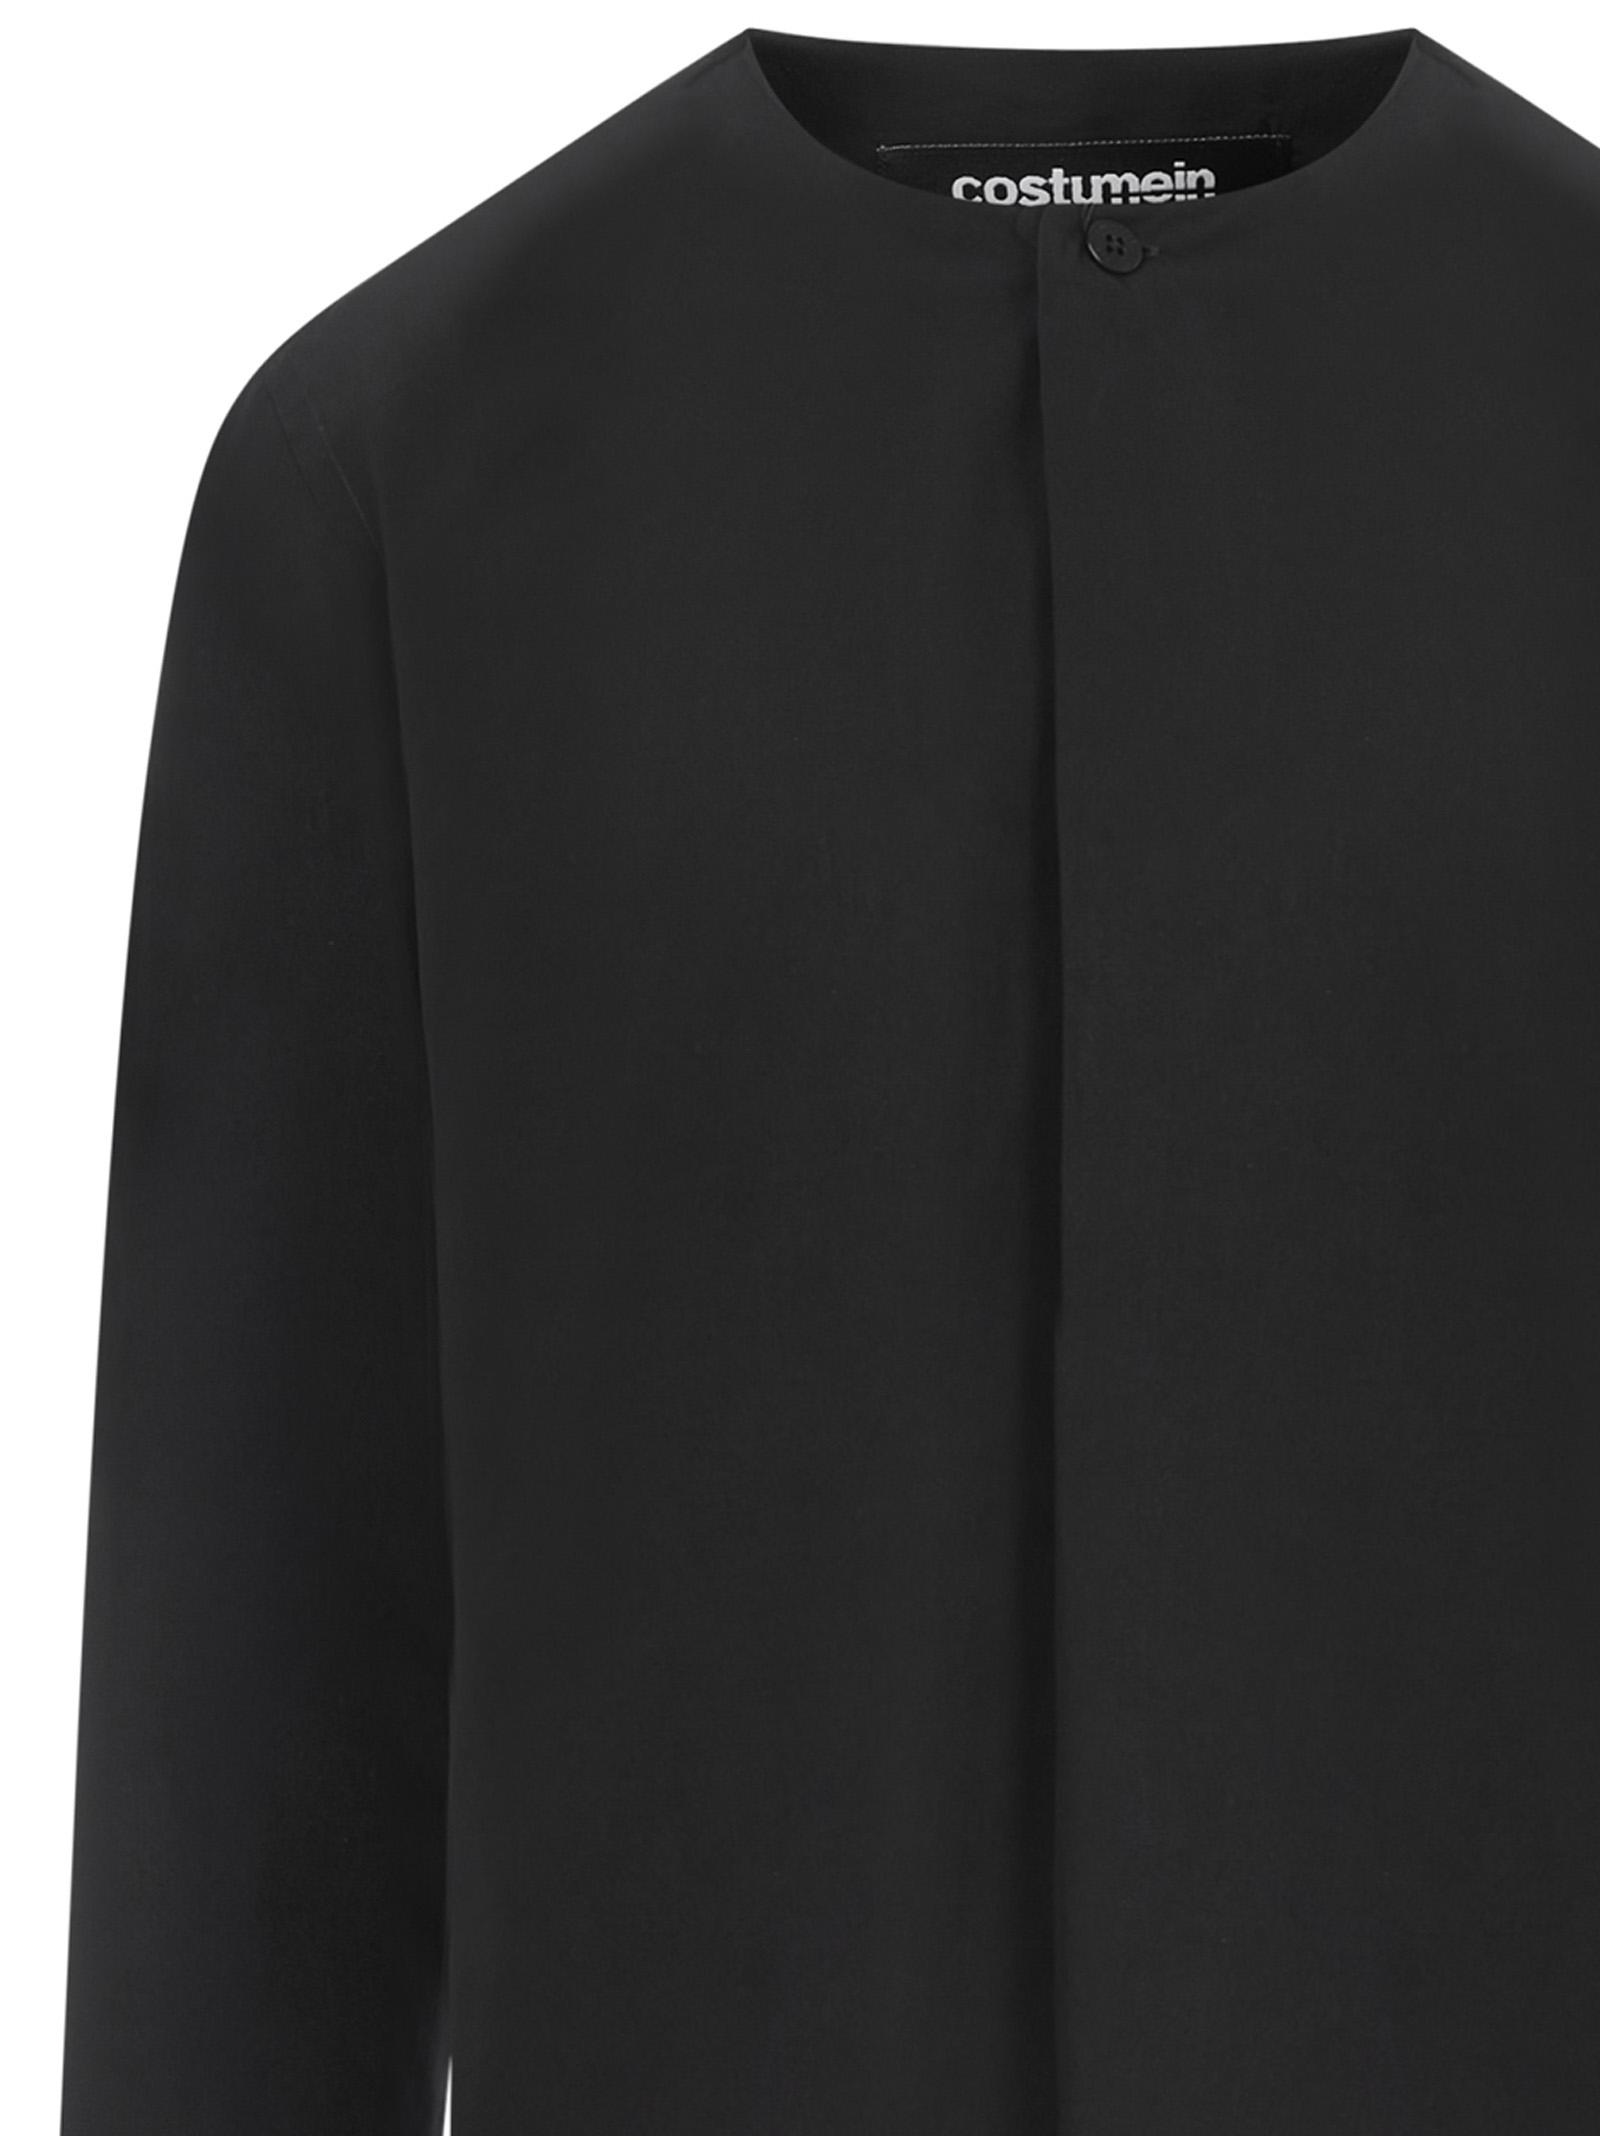 Costumein shirt Costumein | -1043906350 | CP014490